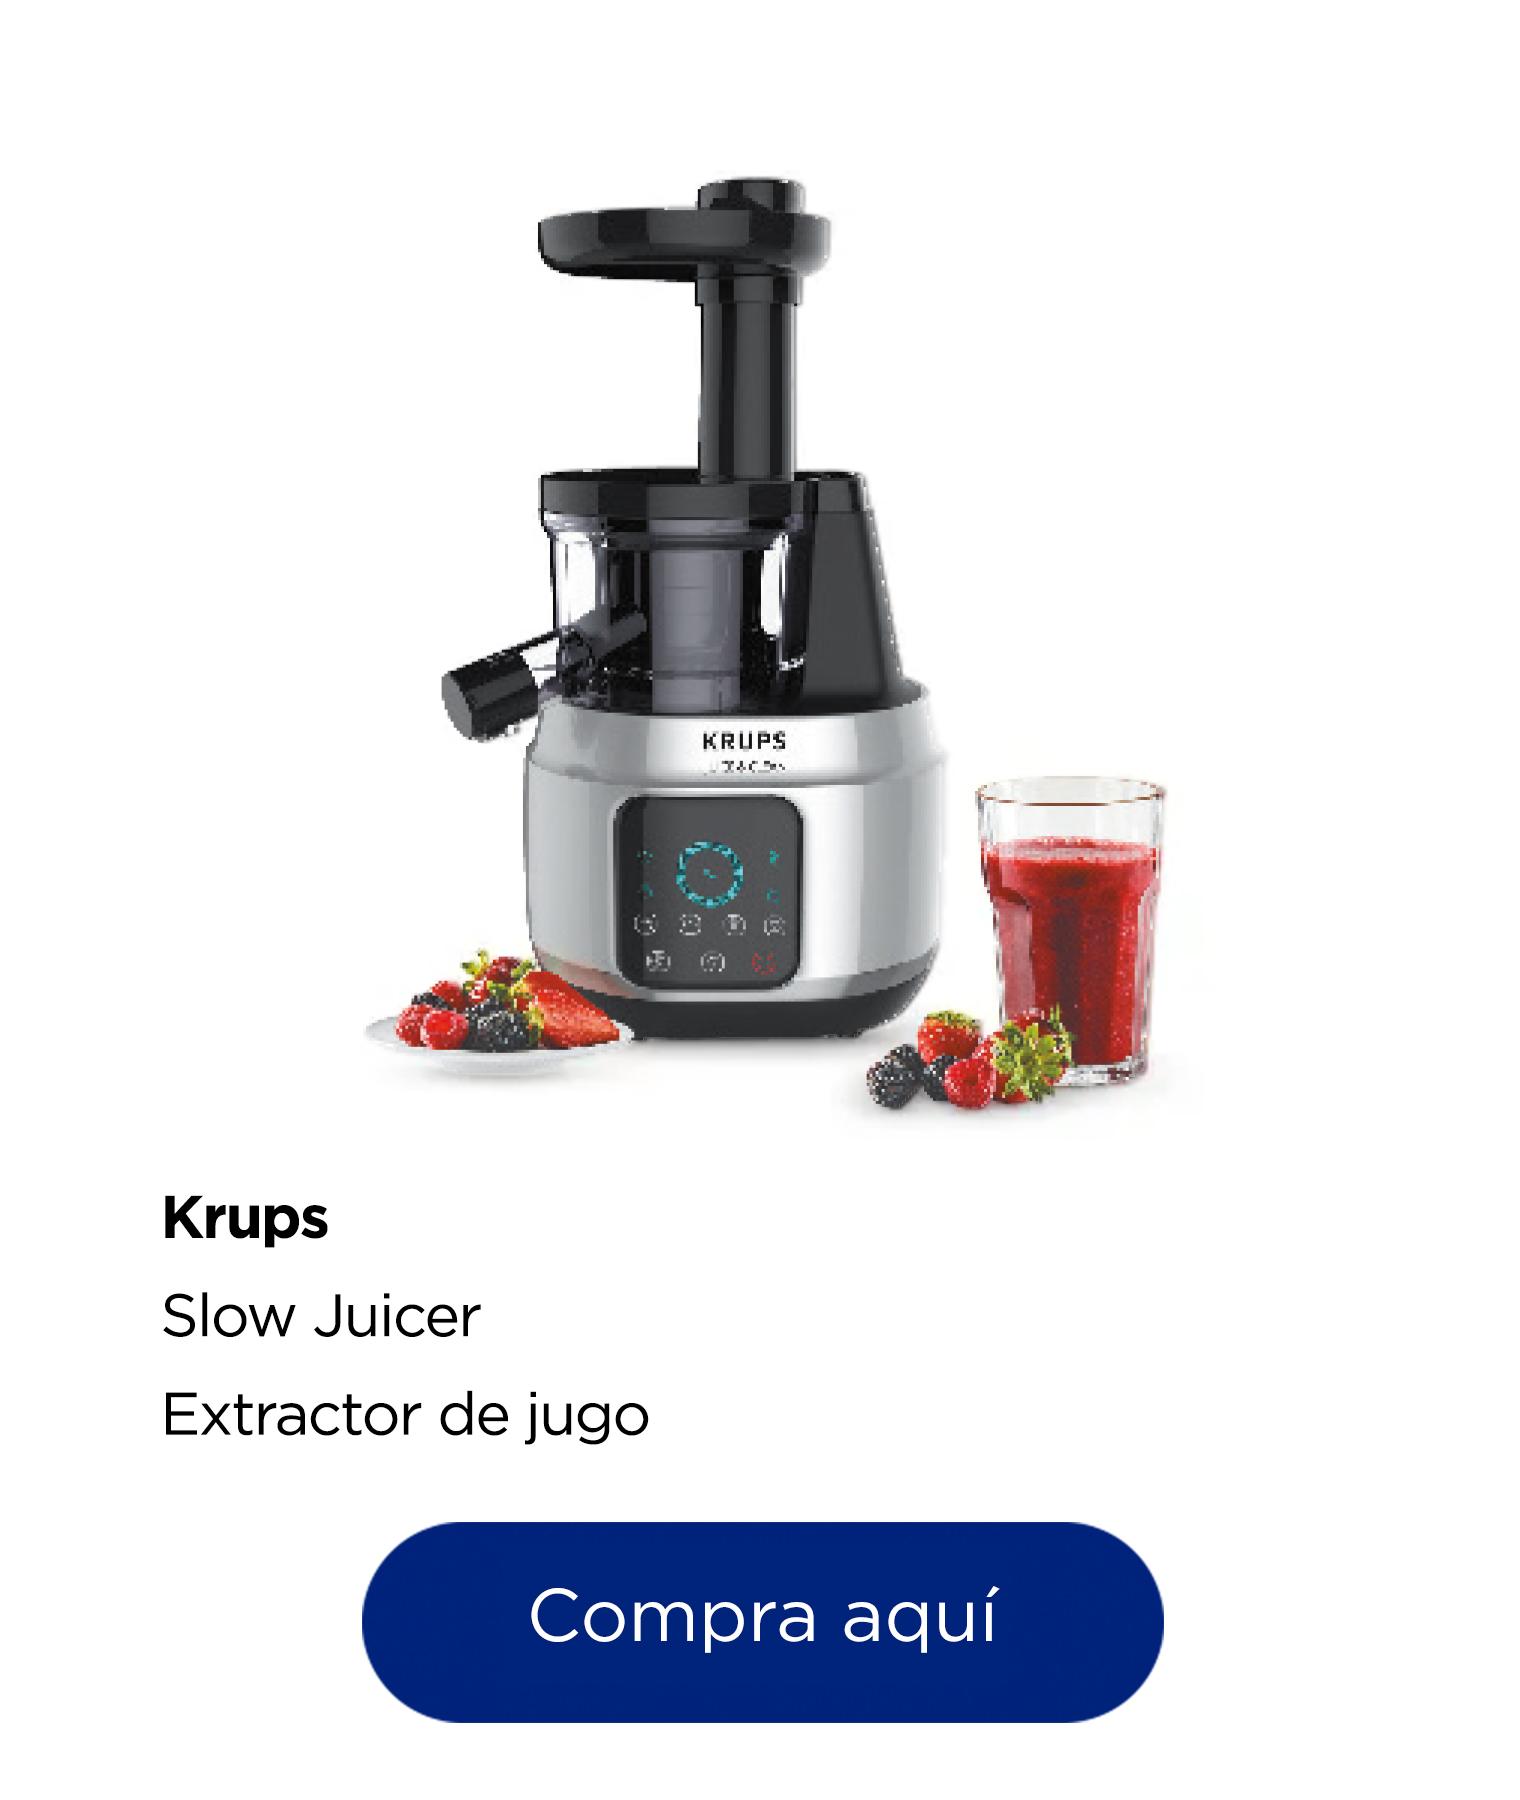 Krups Extractor de jugo Slow Juicer